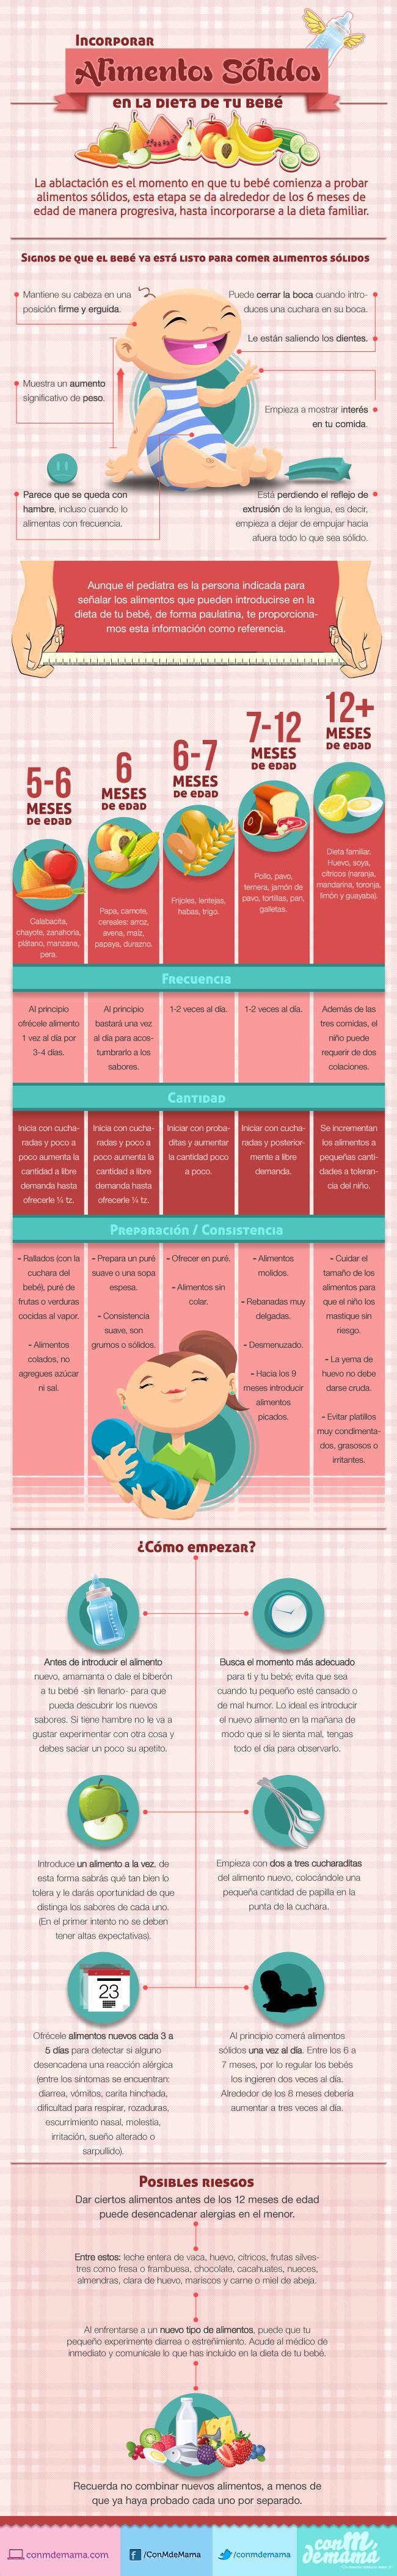 Tu Bebe Quiza Ya Necesite En Su Dieta Alimentos Solidos Esta Infografia Te Dara Las Claves Para Incluirl Alimentacion Bebe Cuidados De Bebes Comida Para Bebe